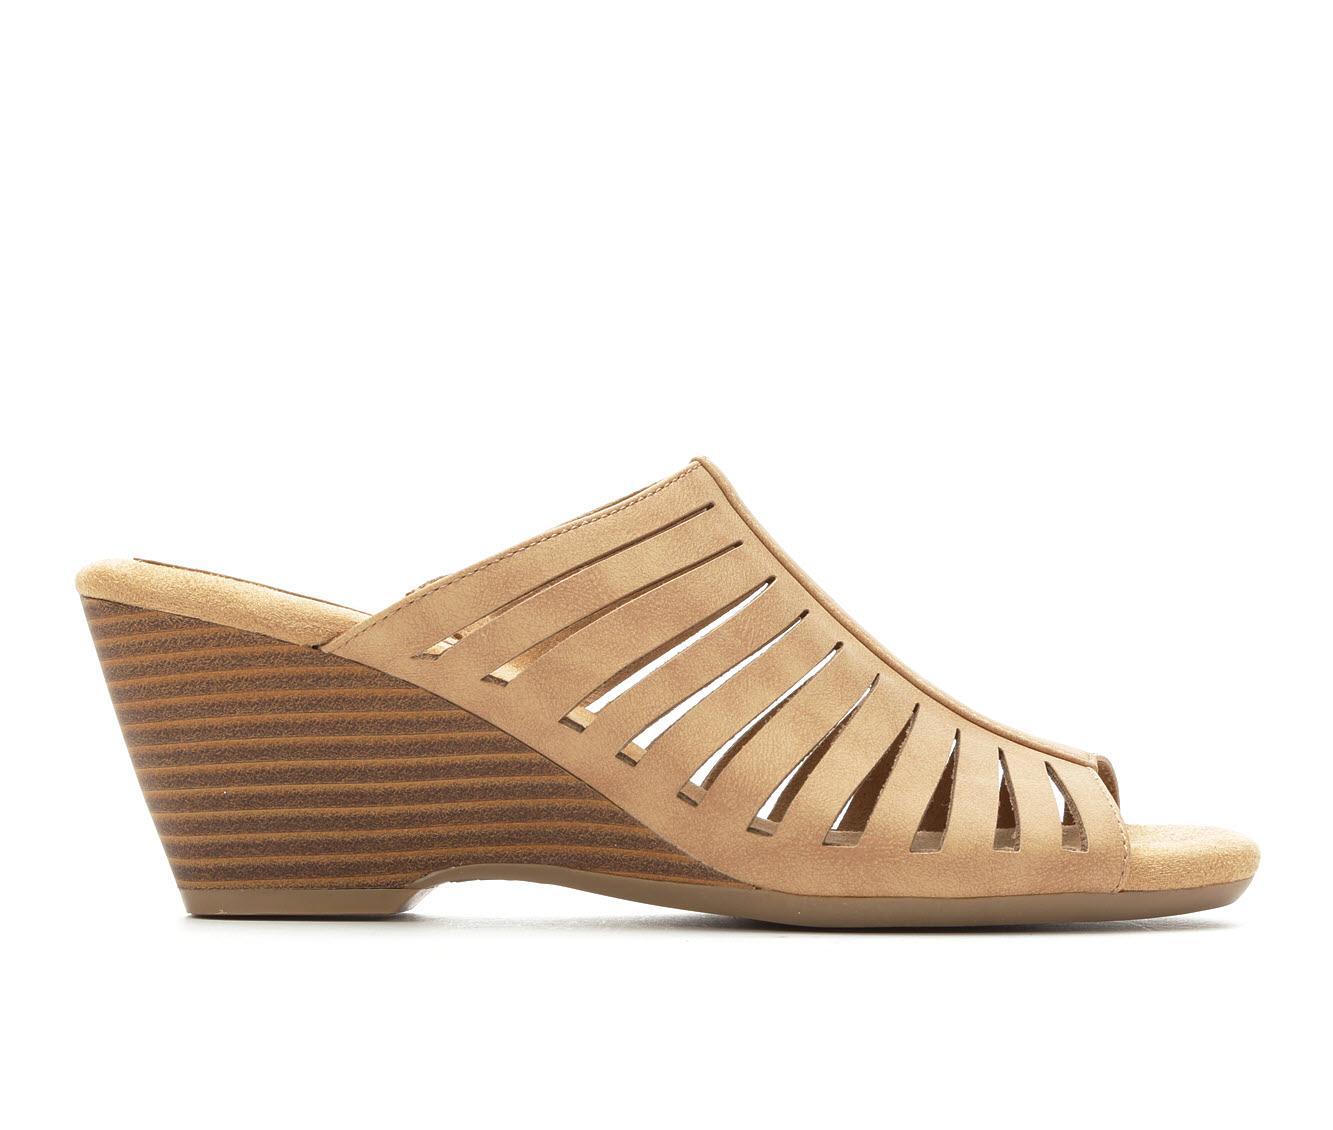 Solanz Paige Women's Dress Shoe (Beige Faux Leather)